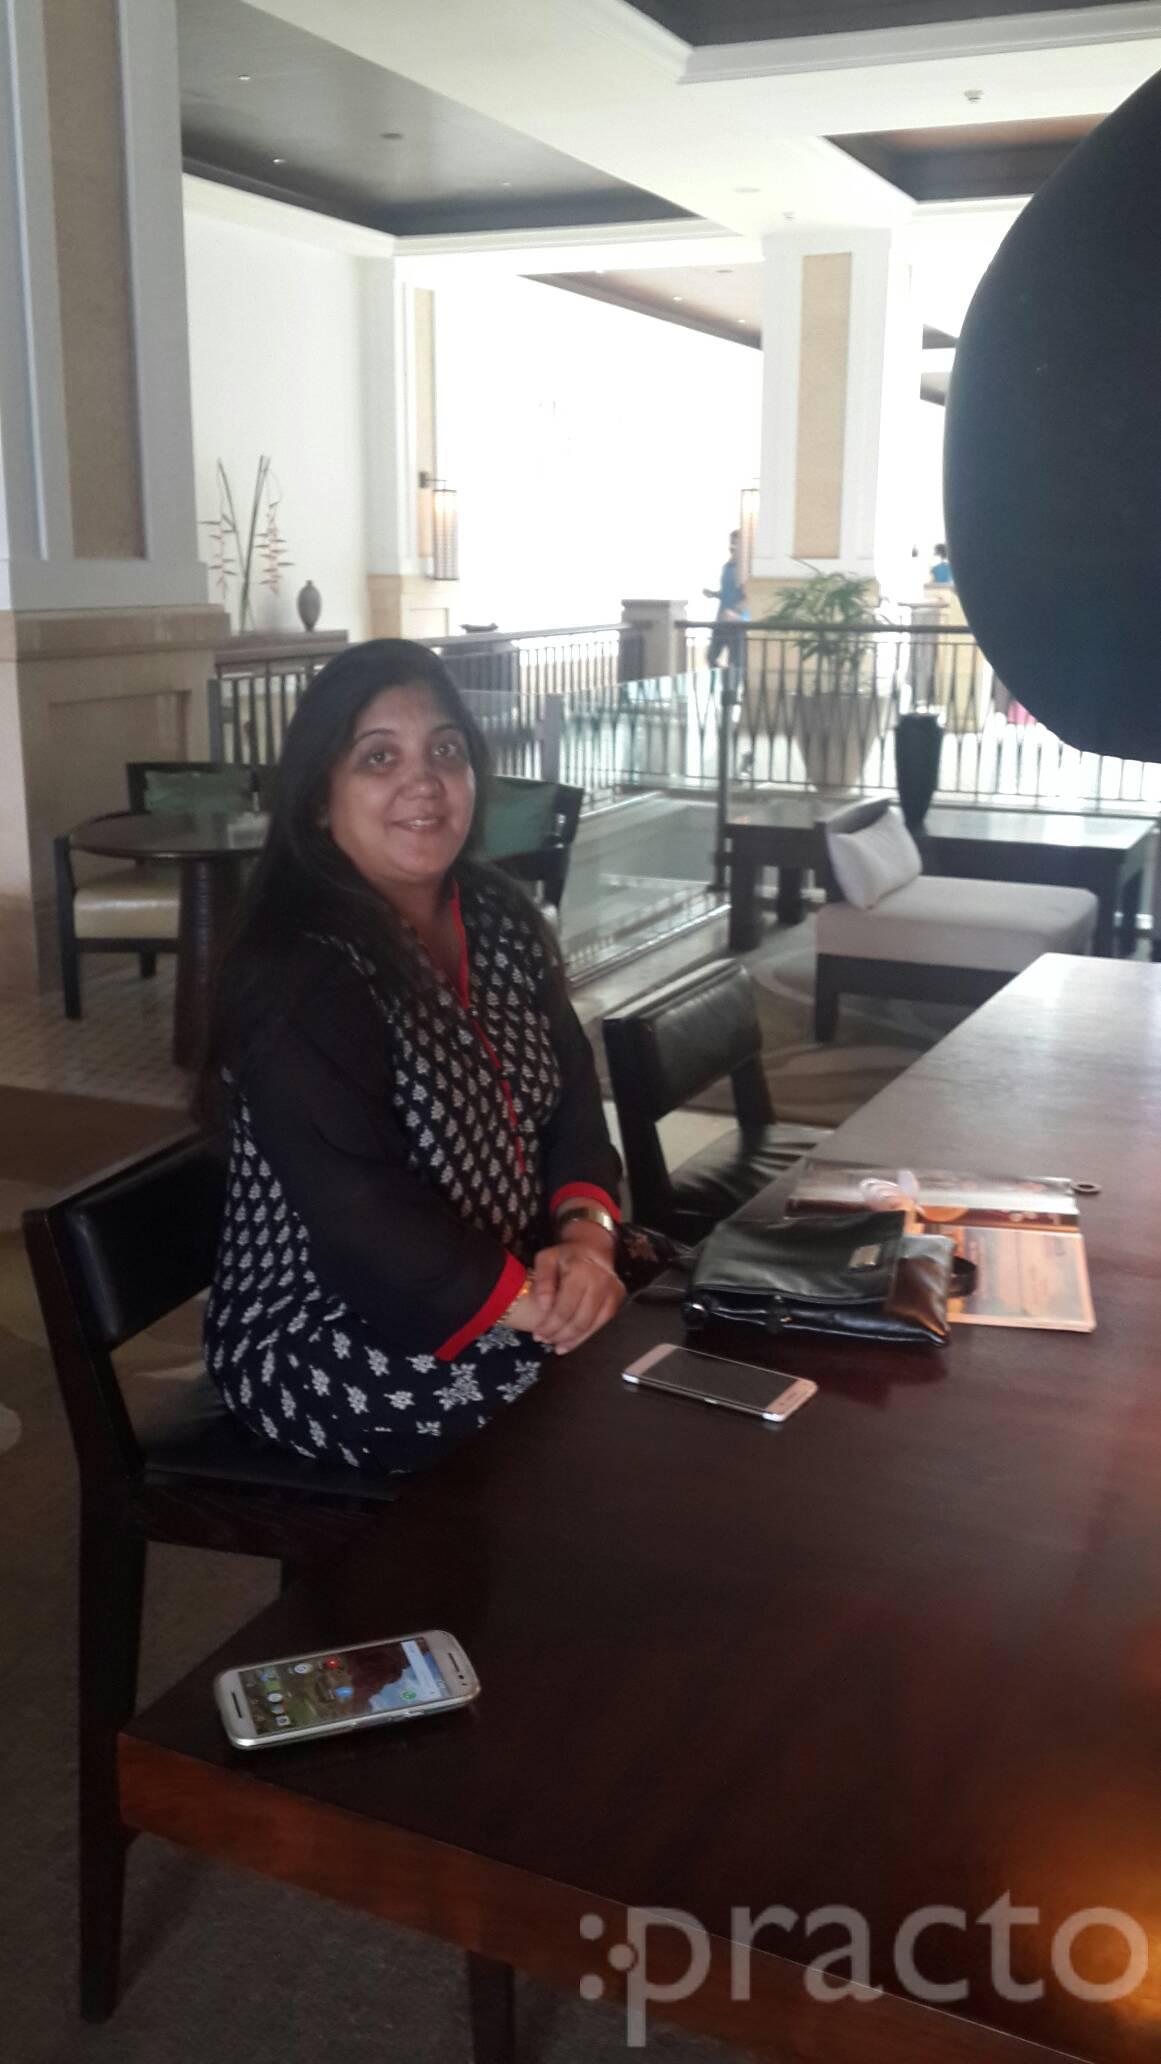 Dr. Anita Bafana Jagtap - Acupuncturist